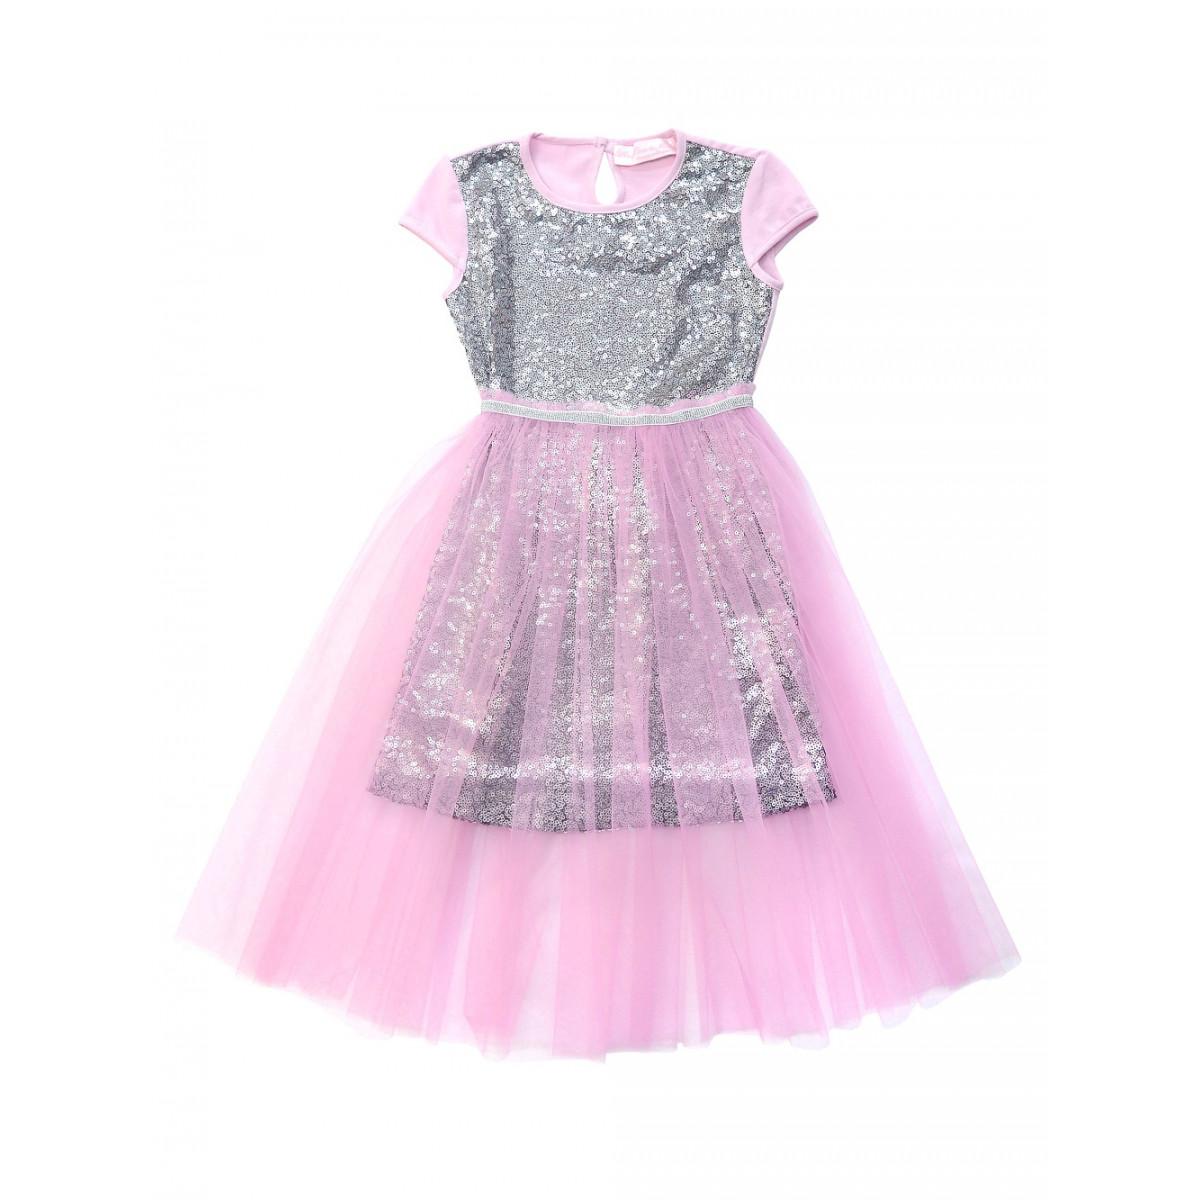 Комплект: платье с пайетками и пышной розовой юбкой.